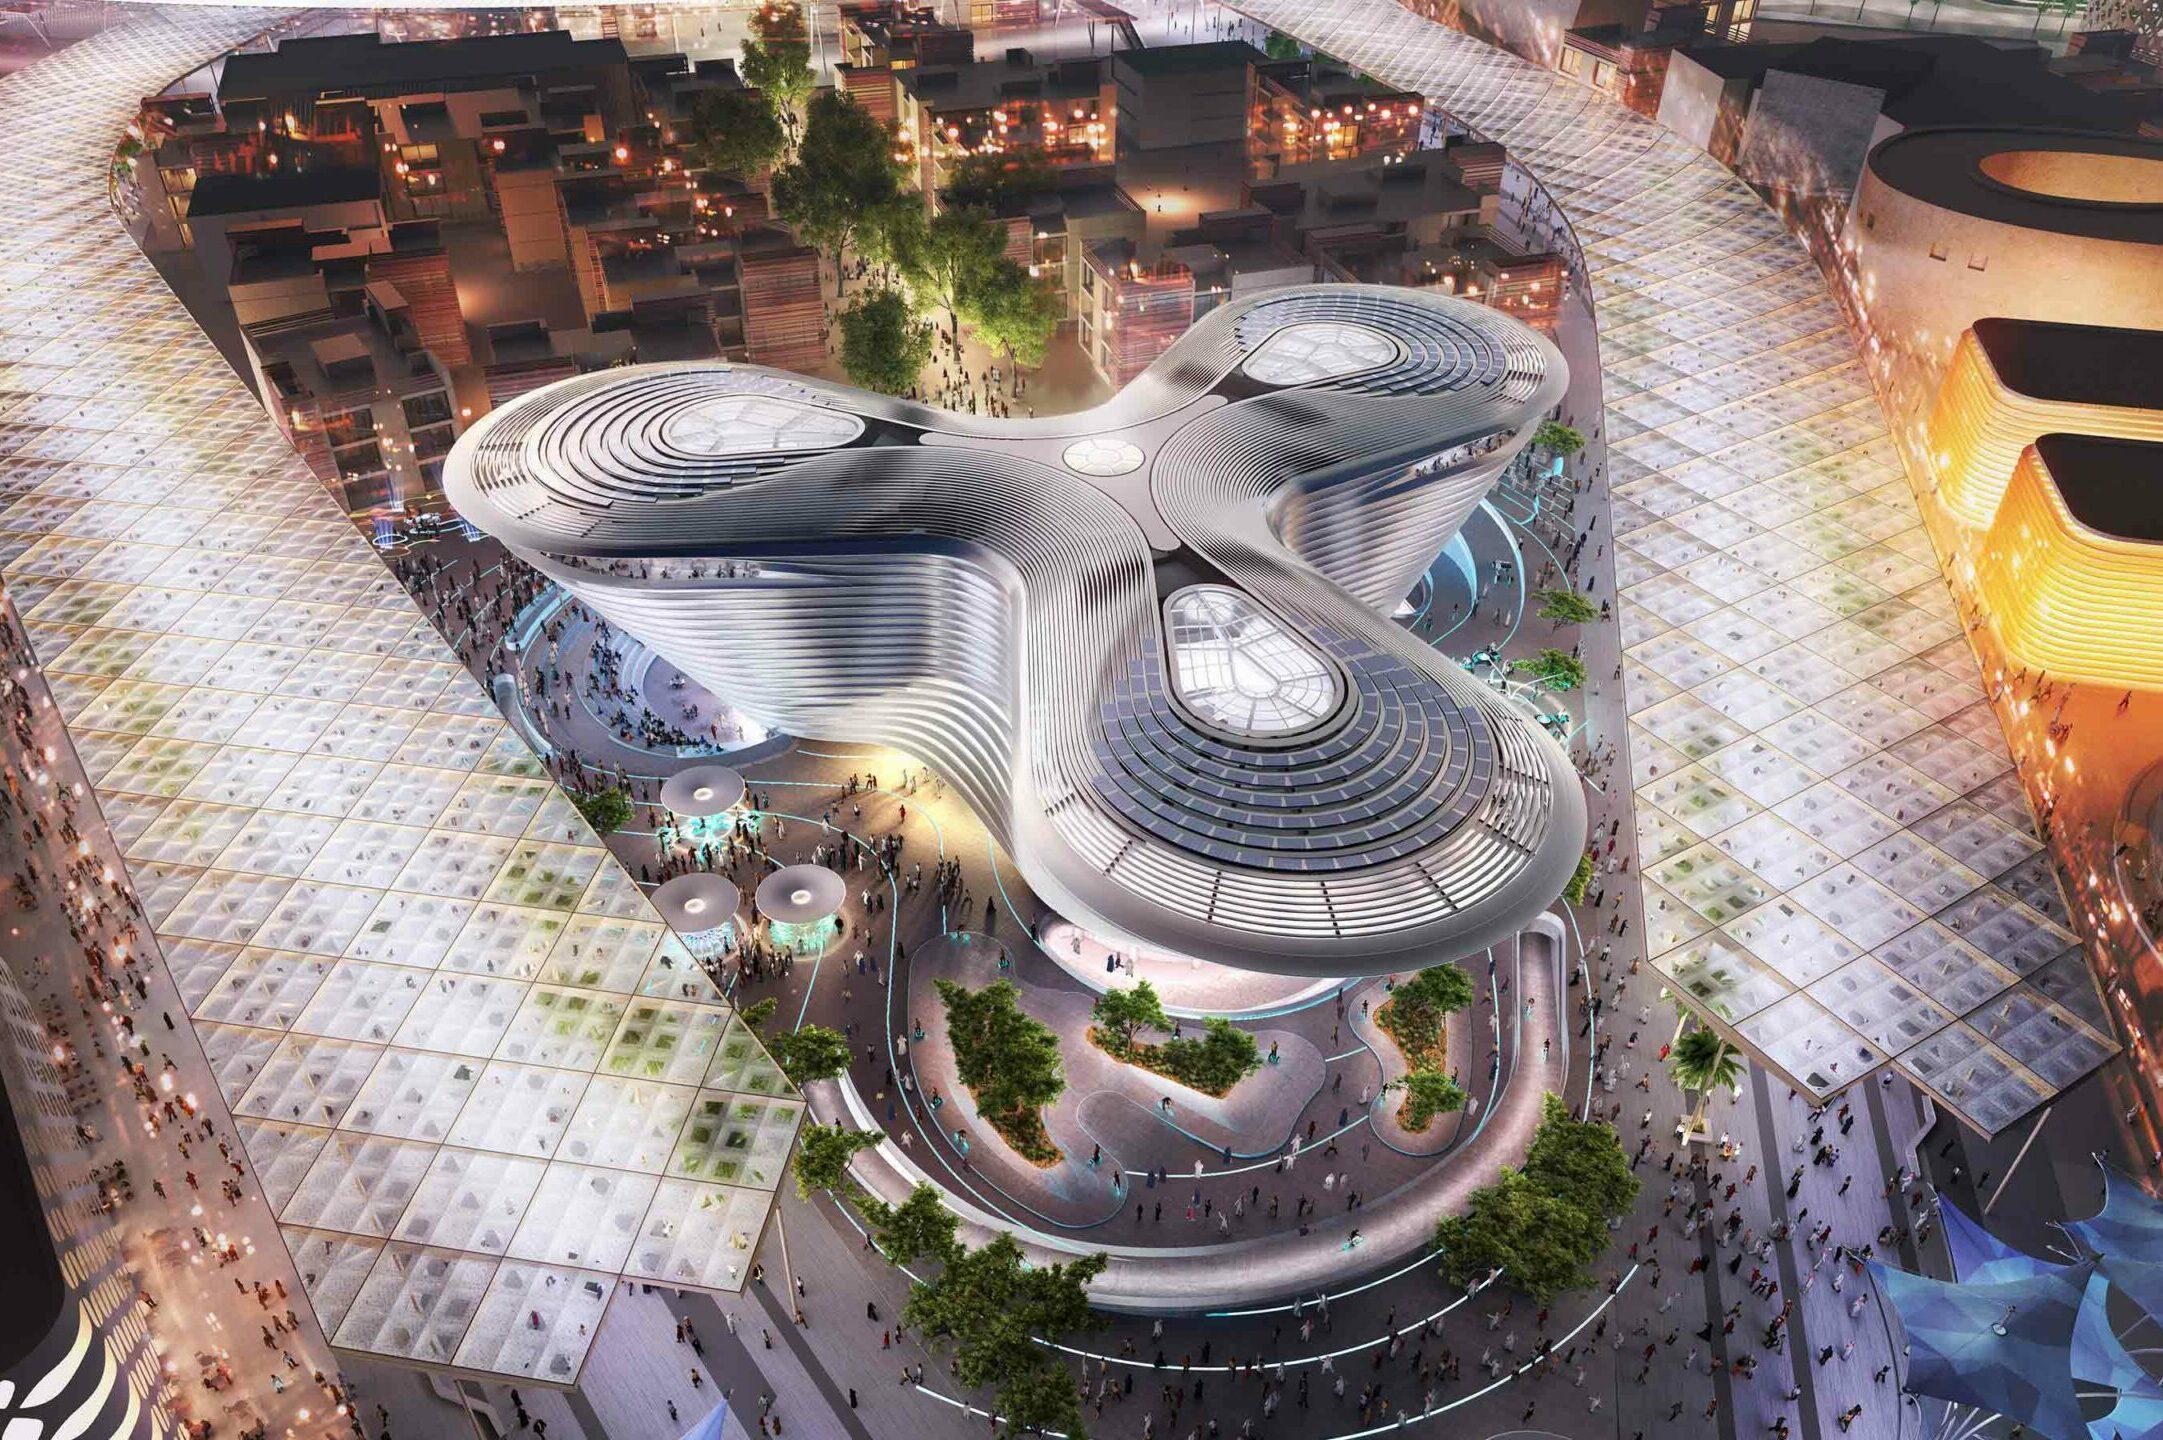 Wereldtentoonstelling Expo 2020 Dubai bezoeken | Corallium - Reisbureau Lennik en Gooik